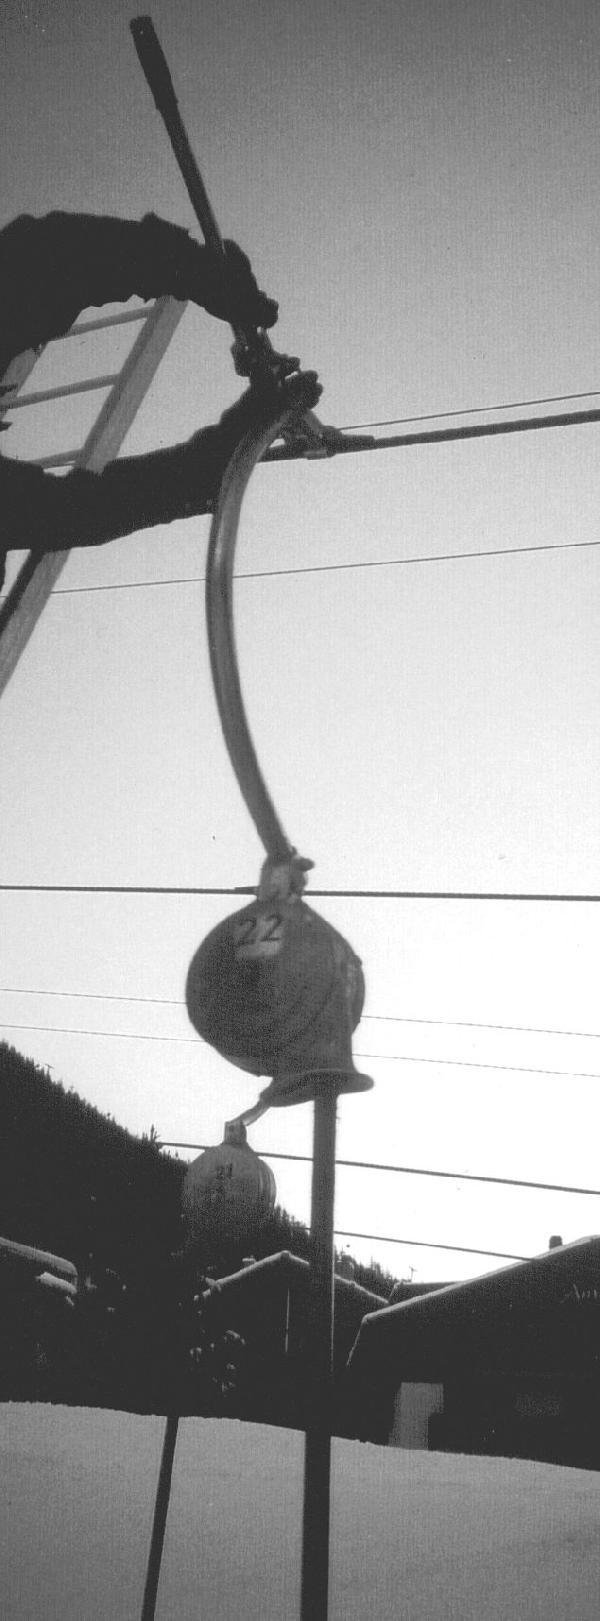 Der Exzenterschl�ssel wird auf der Seilklemme angebracht.